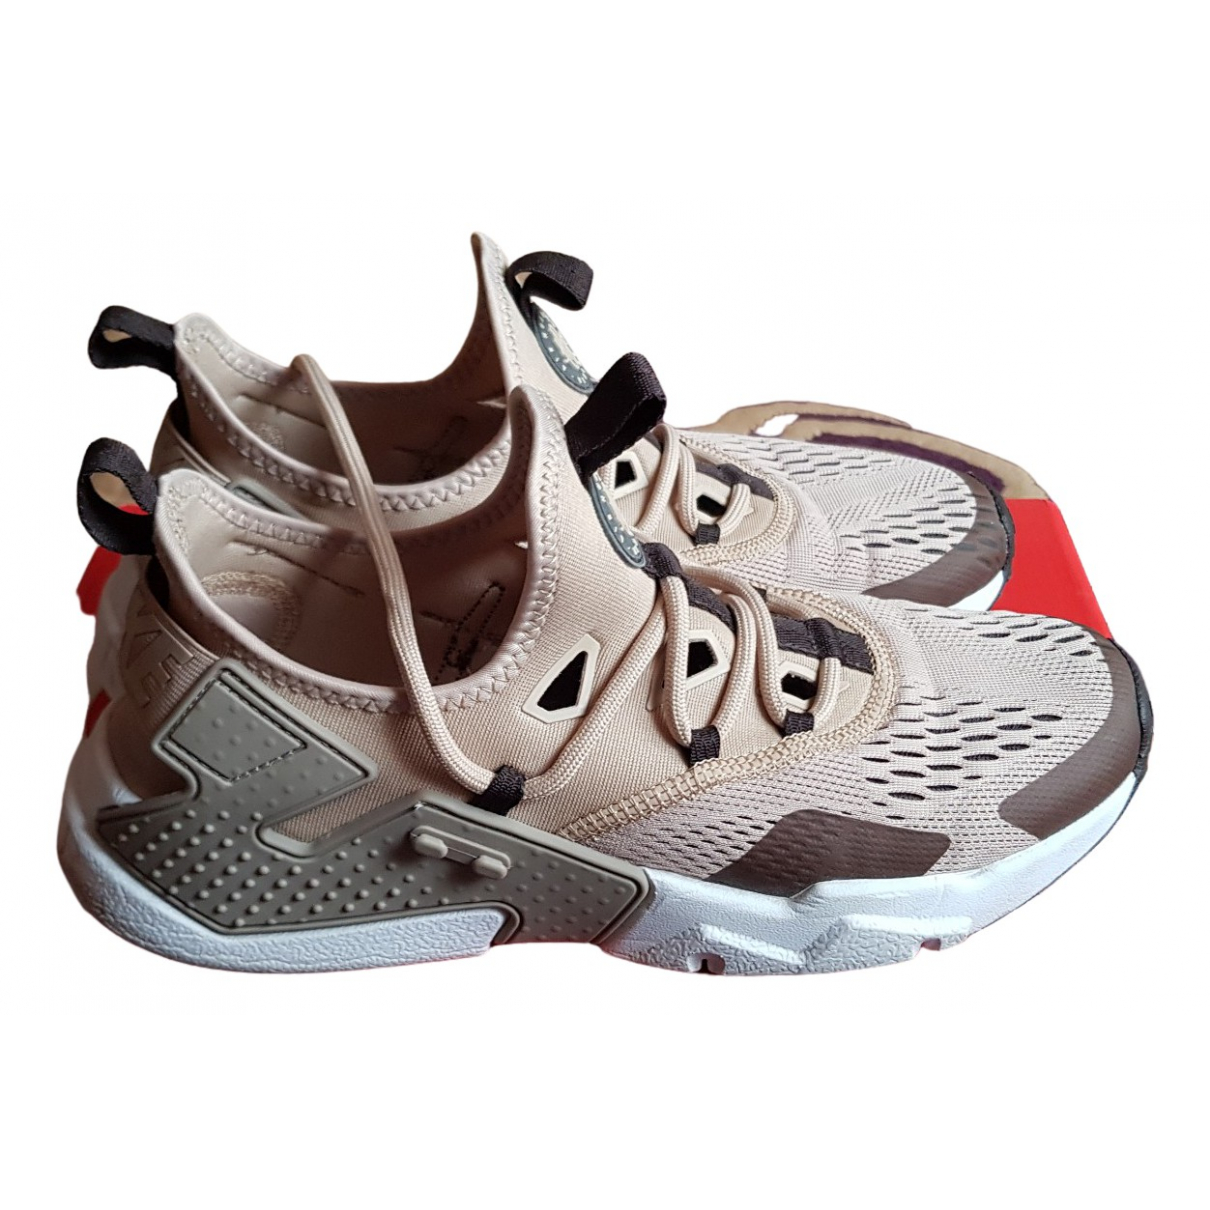 Nike - Baskets Huarache pour homme en toile - beige